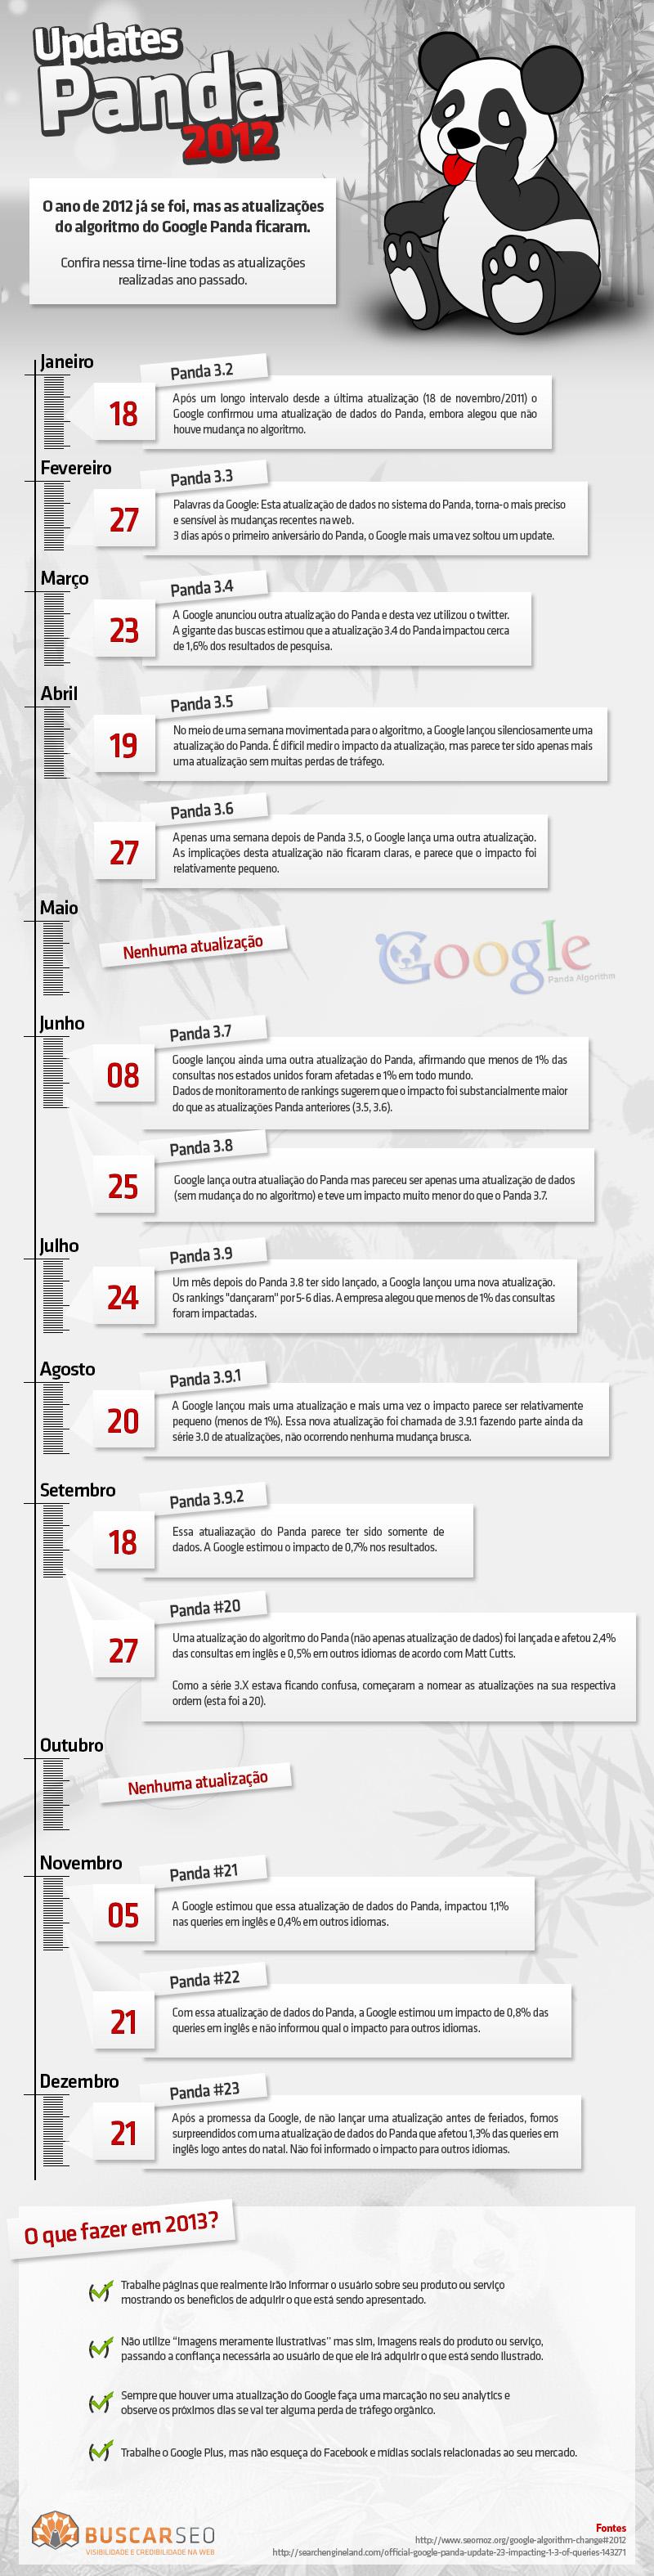 Infográfico mostrando as atualizações do Panda ao longo de 2012. Via http://www.buscarseo.com.br